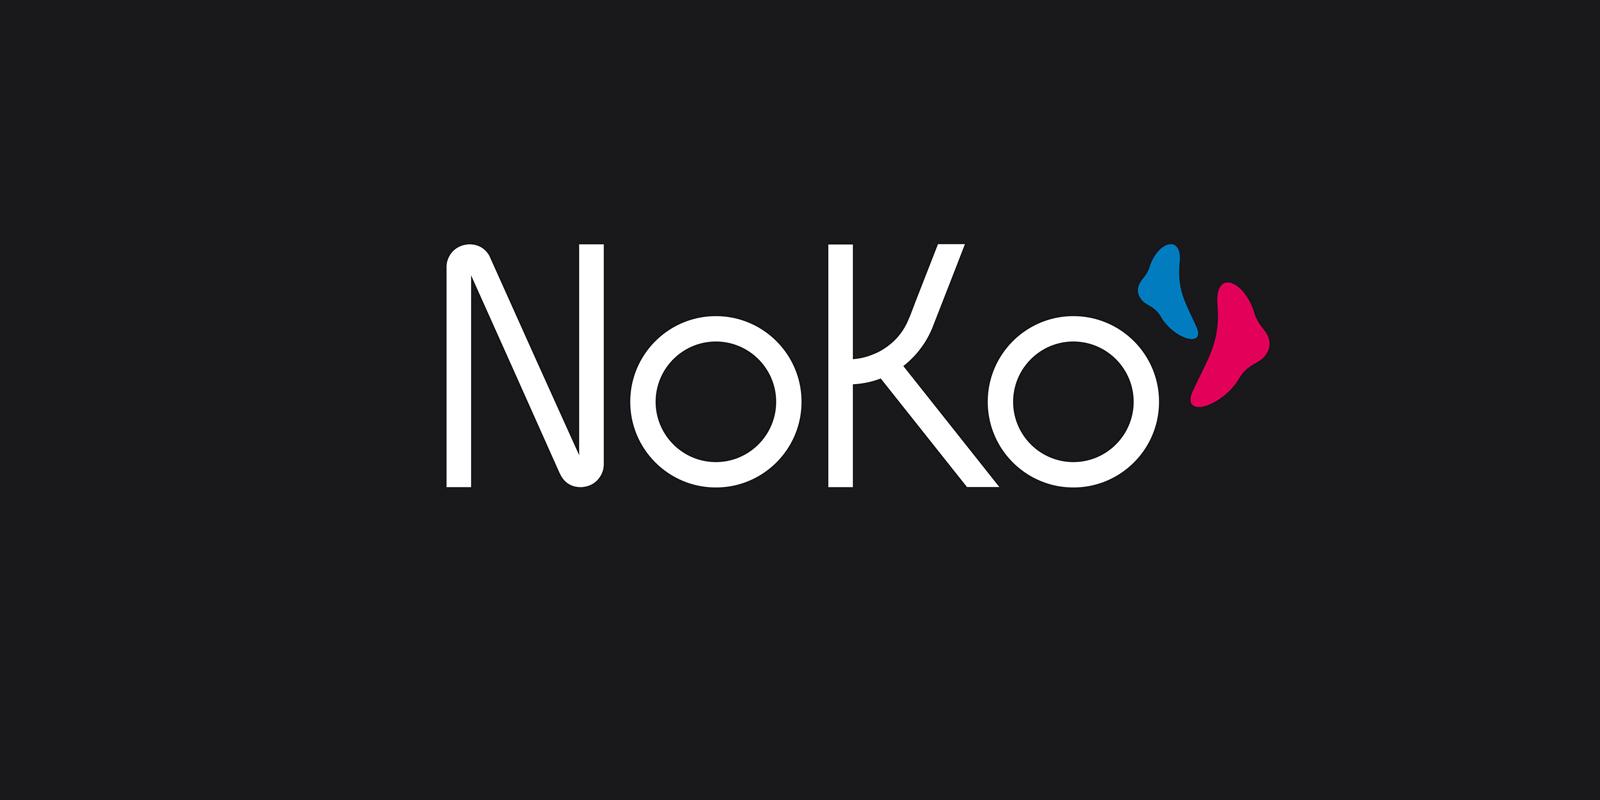 TM NoKo;;;;;;Разработка слогана;;;;;;<span>Клиент:</span> TM NoKo;;;;;;;;;;;;Разработанный слоган: <nm>«NoKo. Носите с комфортом» </nm>;;;;;; 8 ;;;;;;